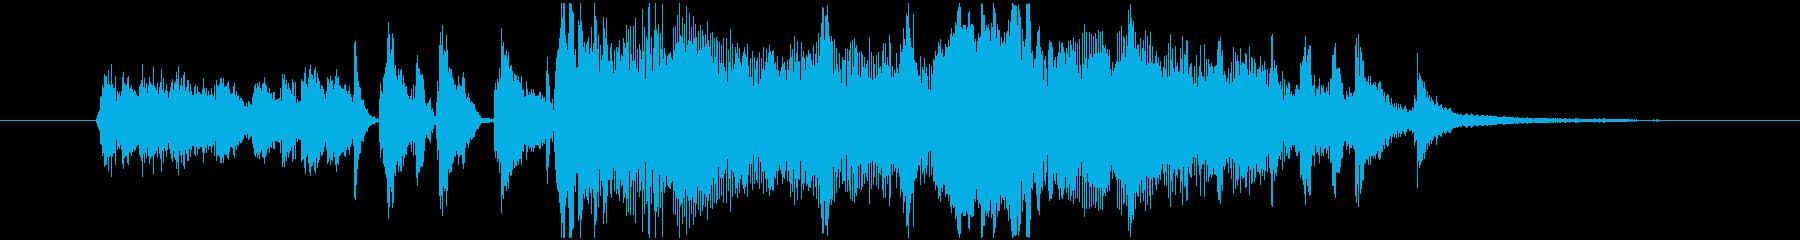 レトロサウンドのジングルの再生済みの波形